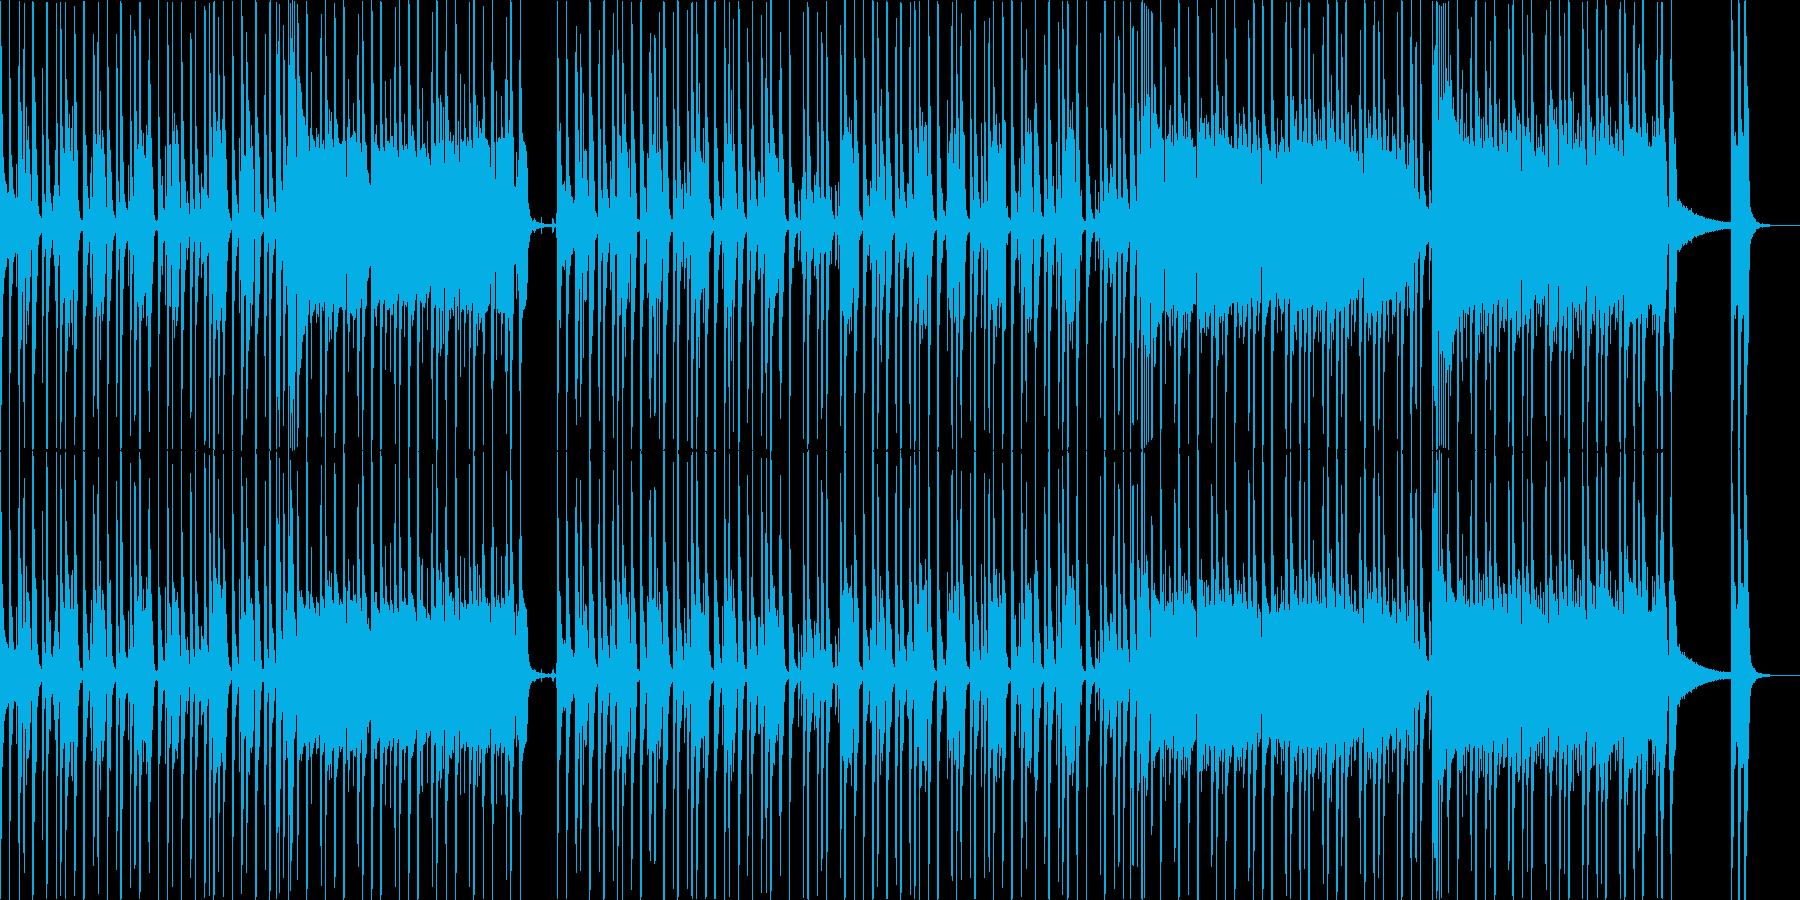 ビートの効いたノリノリファンクの再生済みの波形